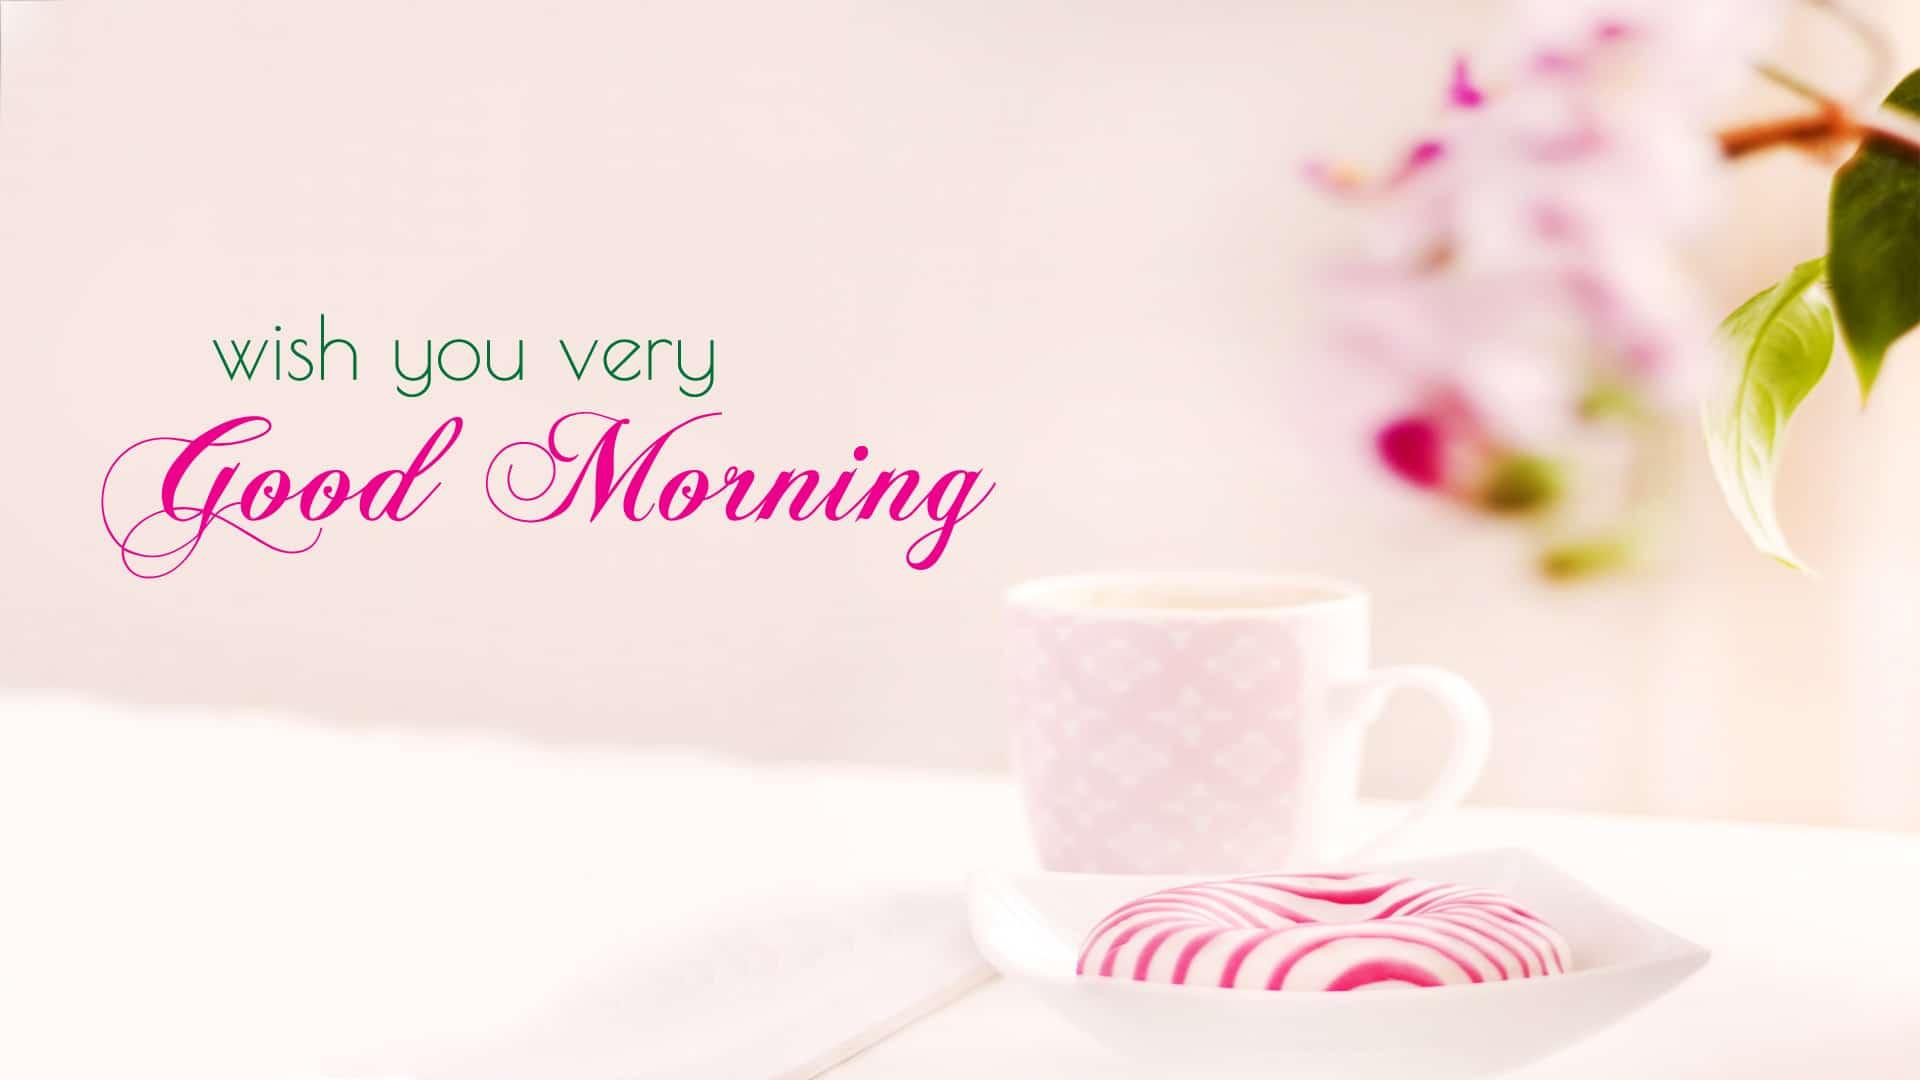 Ảnh nền chào buổi sáng dễ thương đáng yêu